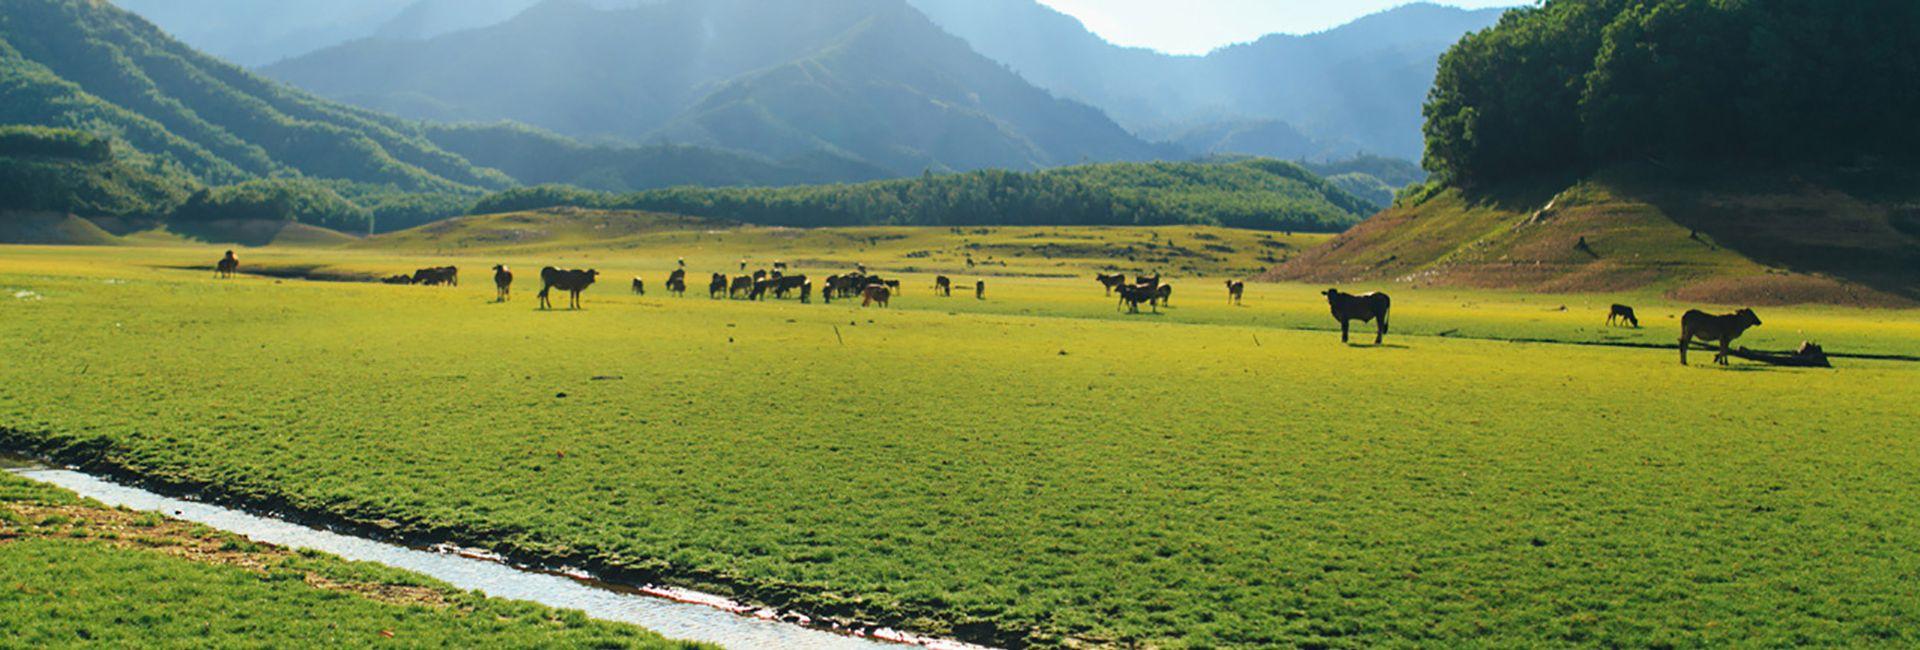 Hồ Hòa Trung - Điểm đến cuối tuần tại Đà Nẵng